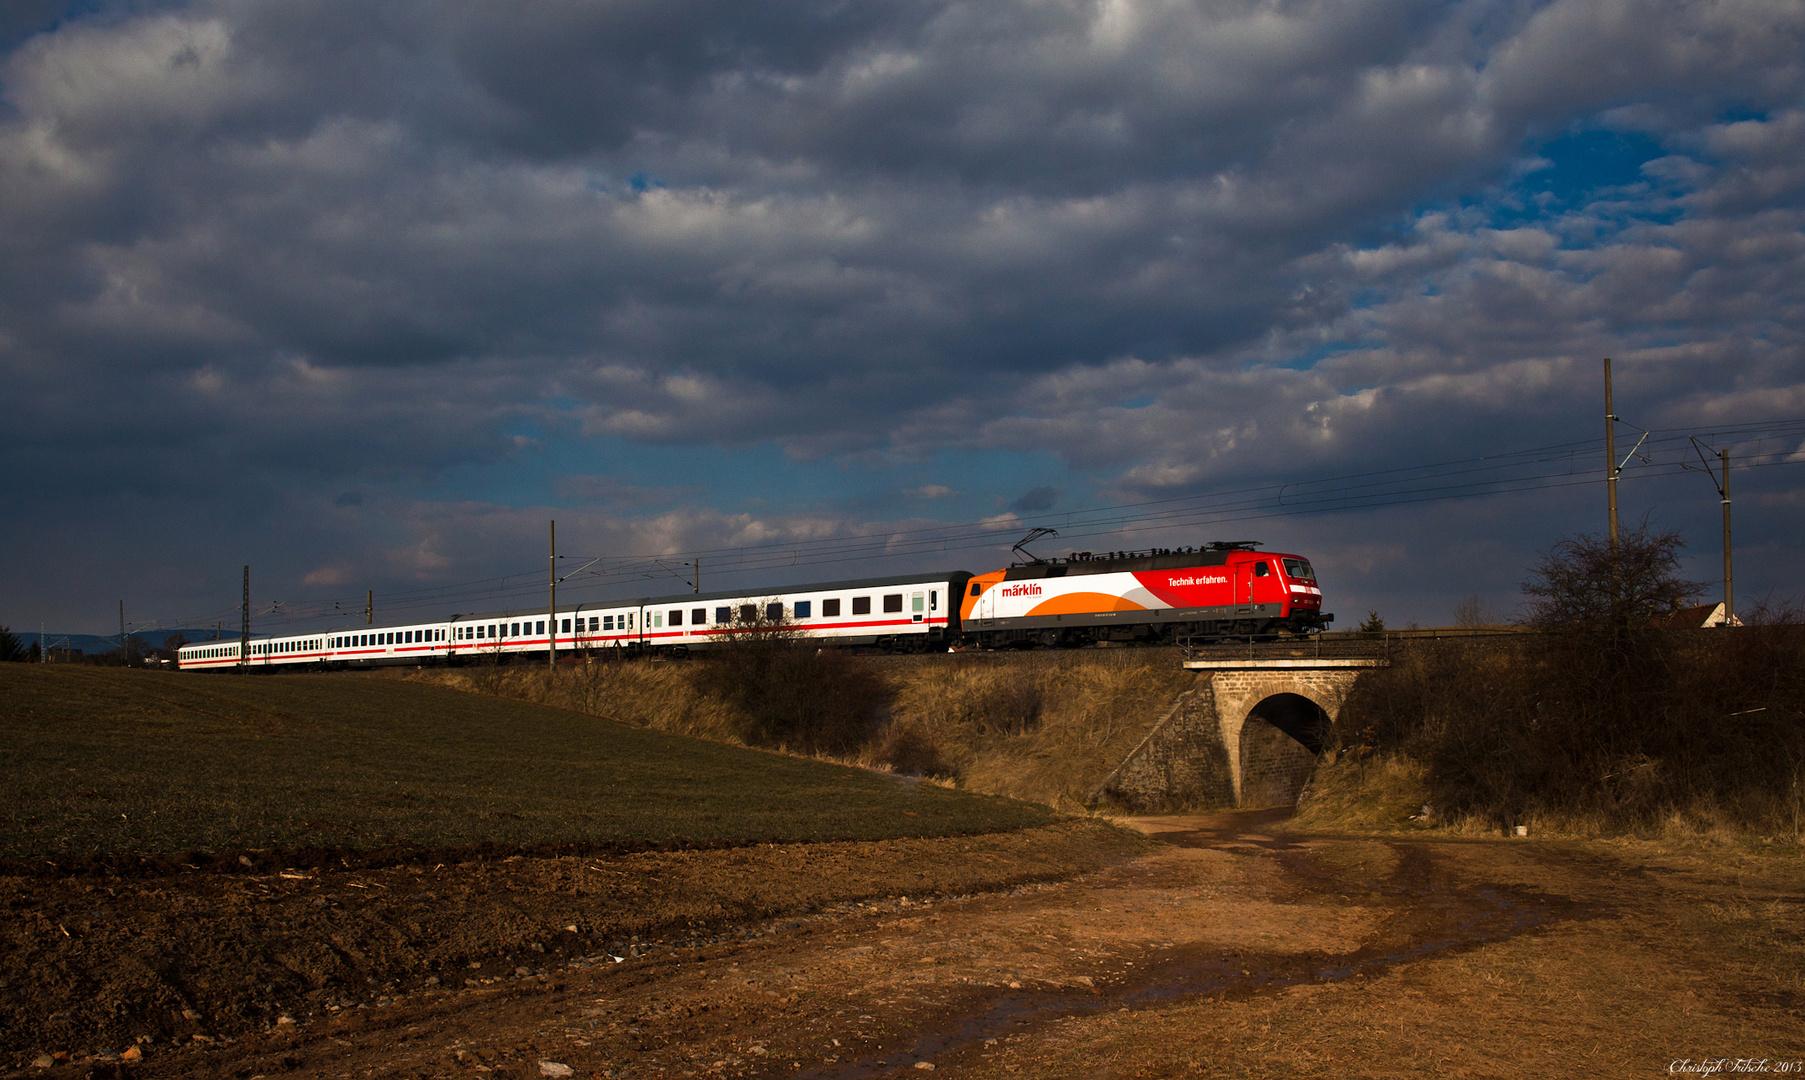 Die Märklin Eisenbahn